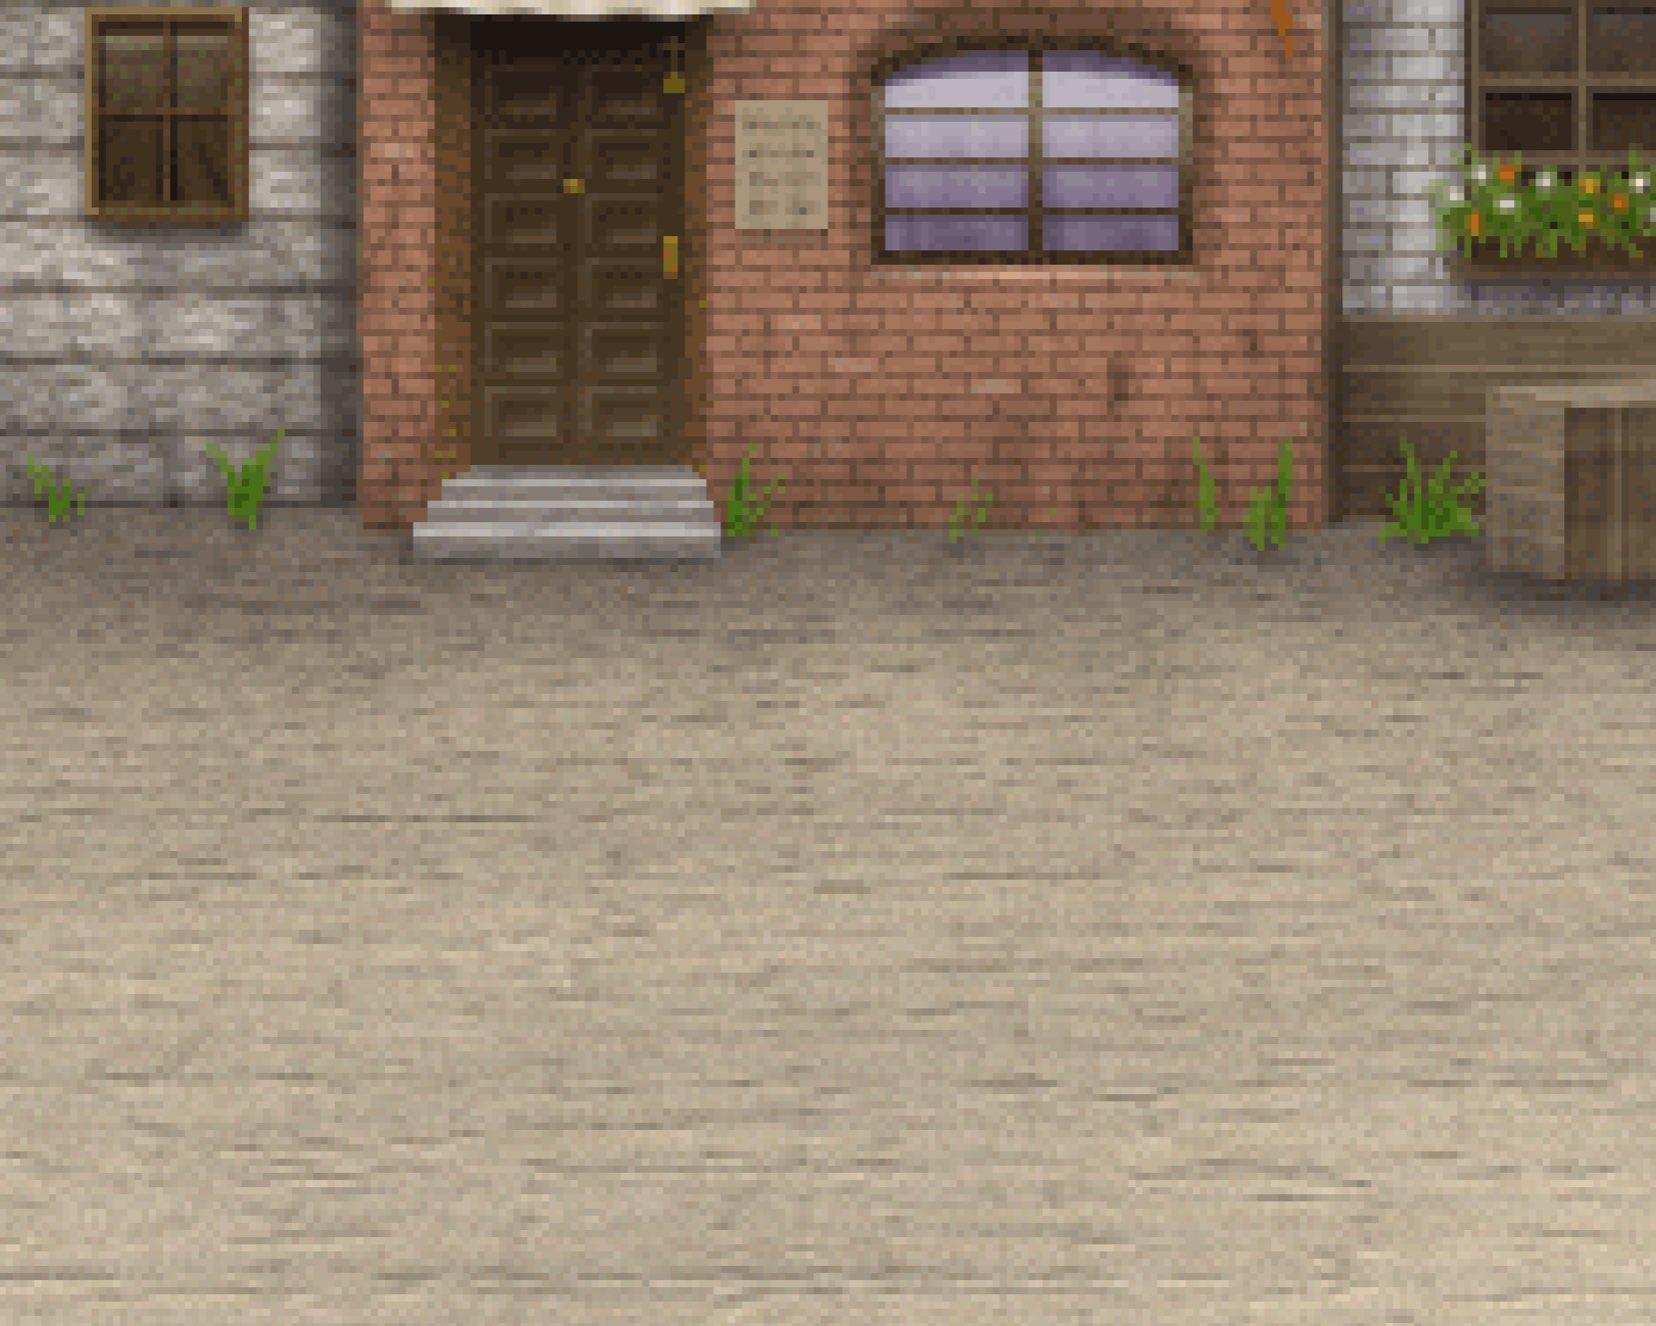 rpg-maker-2003-side-view-battle-system-bg-mobile